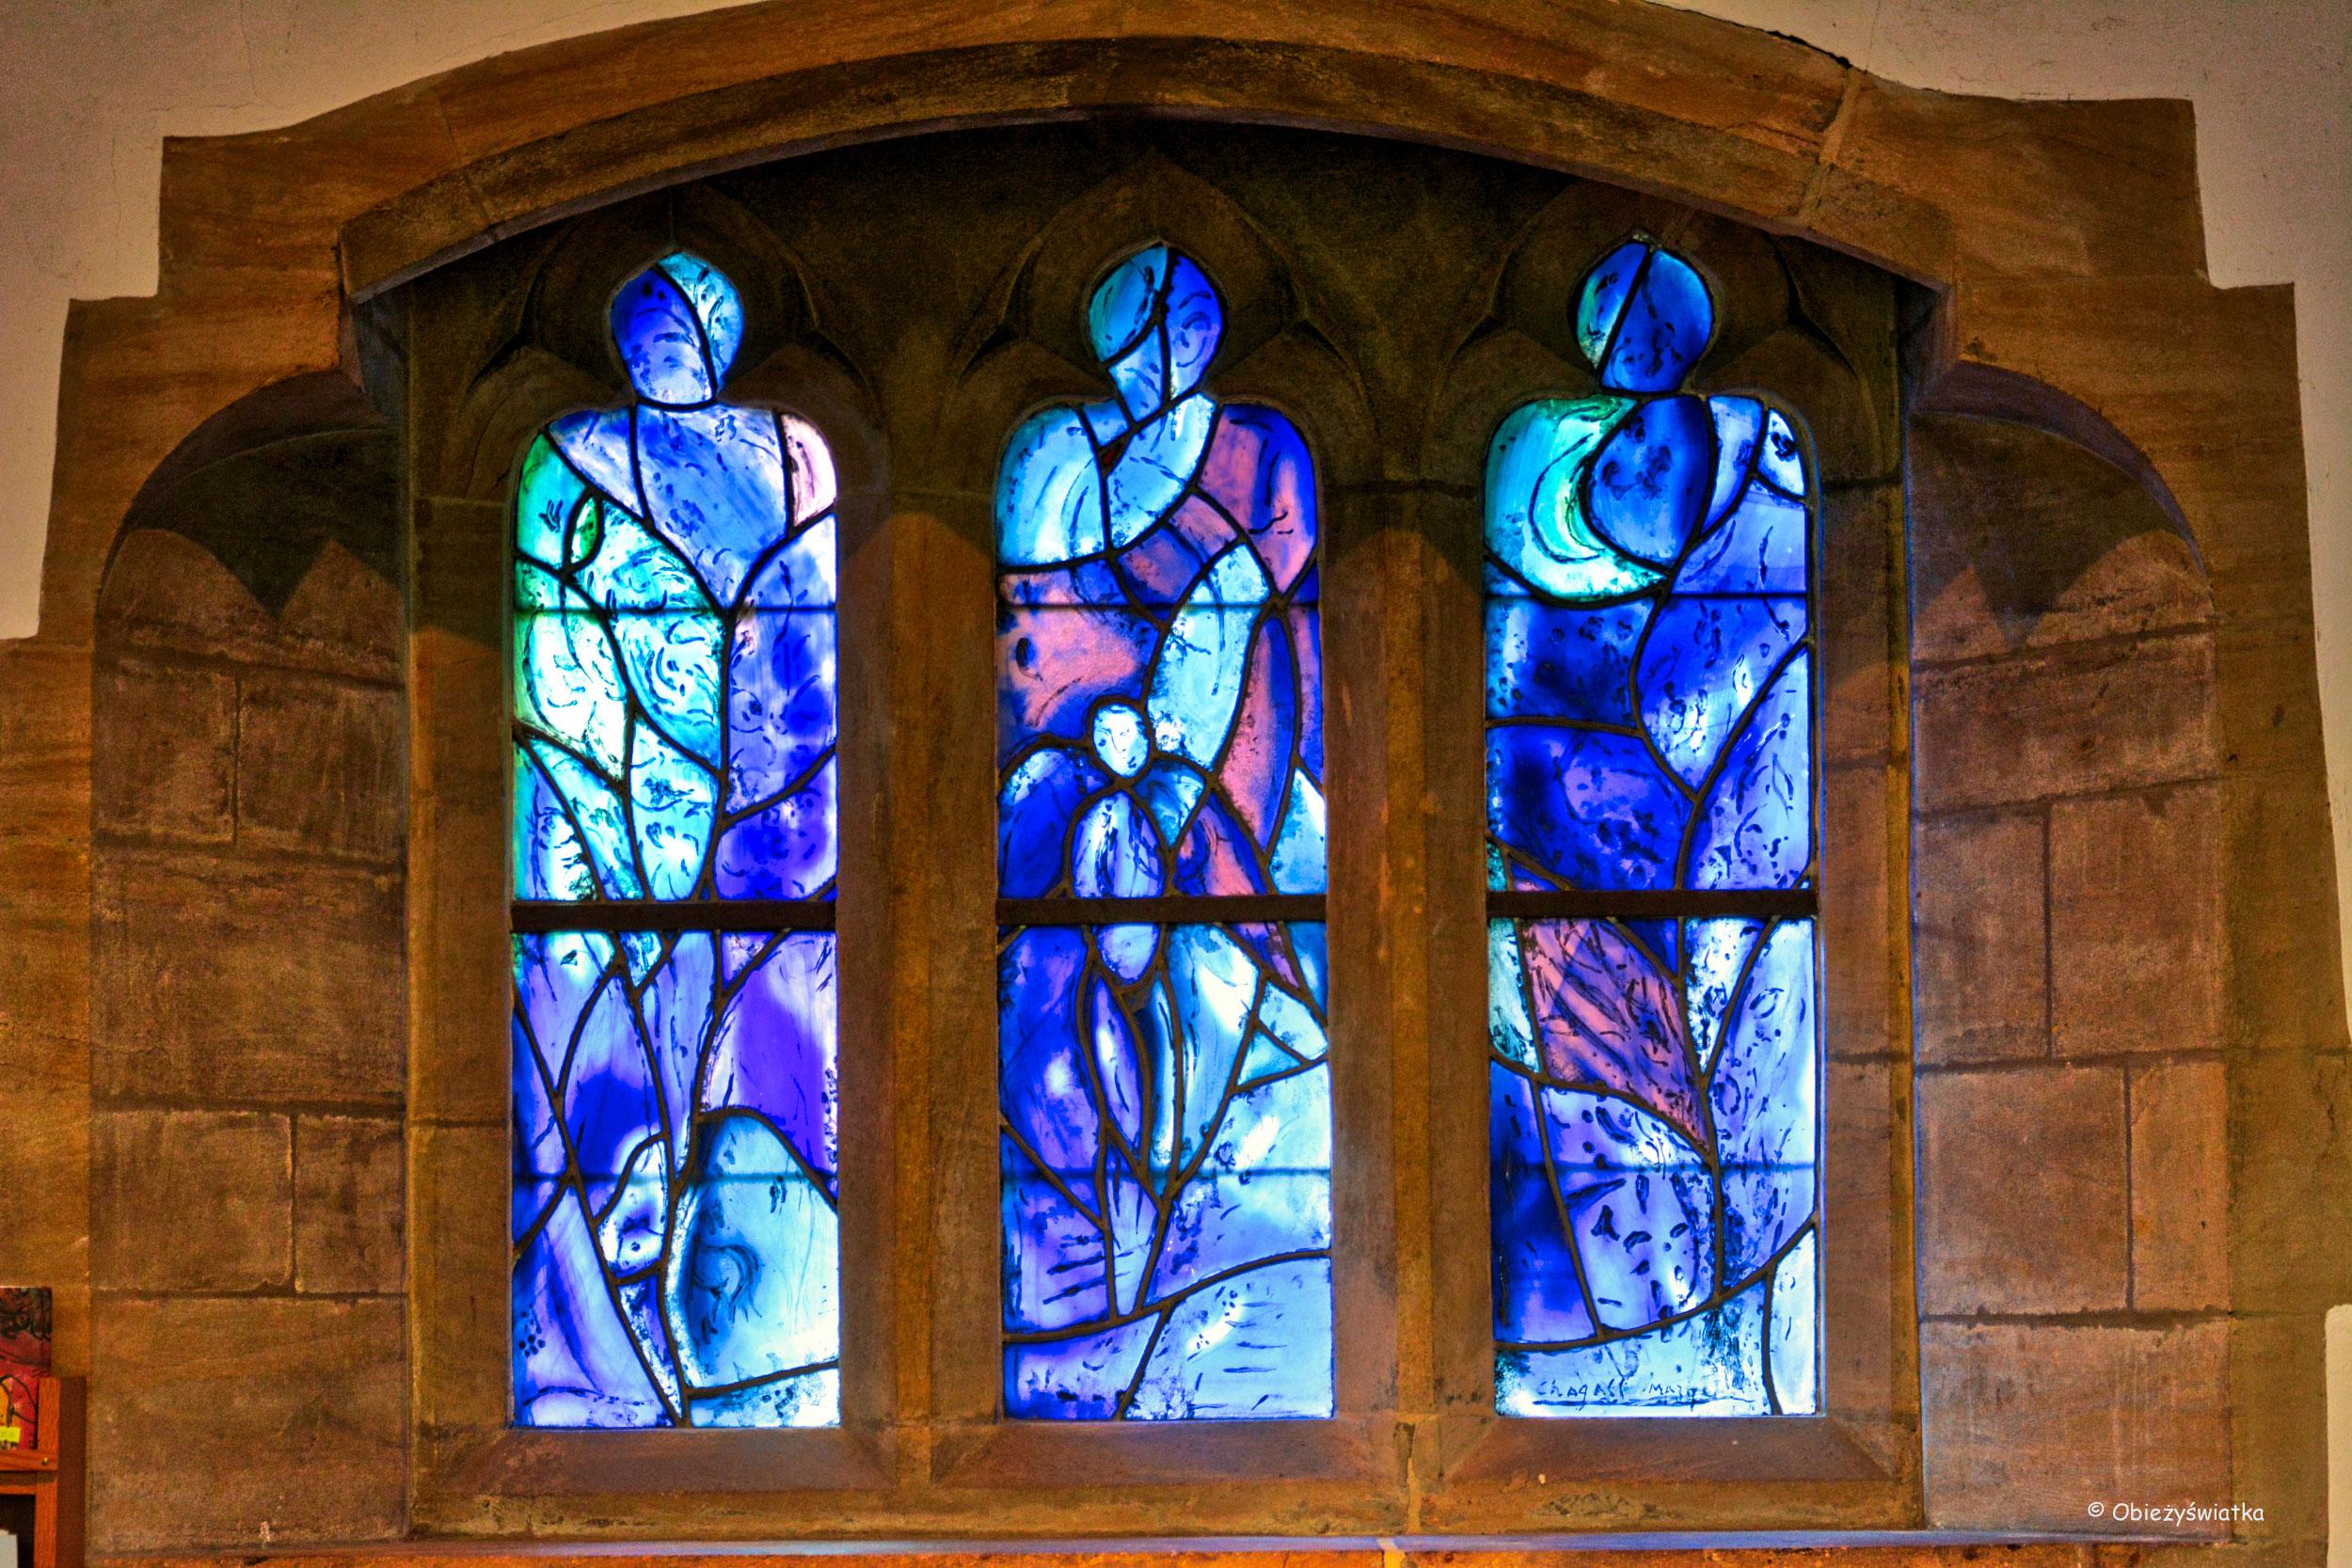 Jeden z witraży Marca Chagalla w kościółku w Tudeley, Wielka Brytania